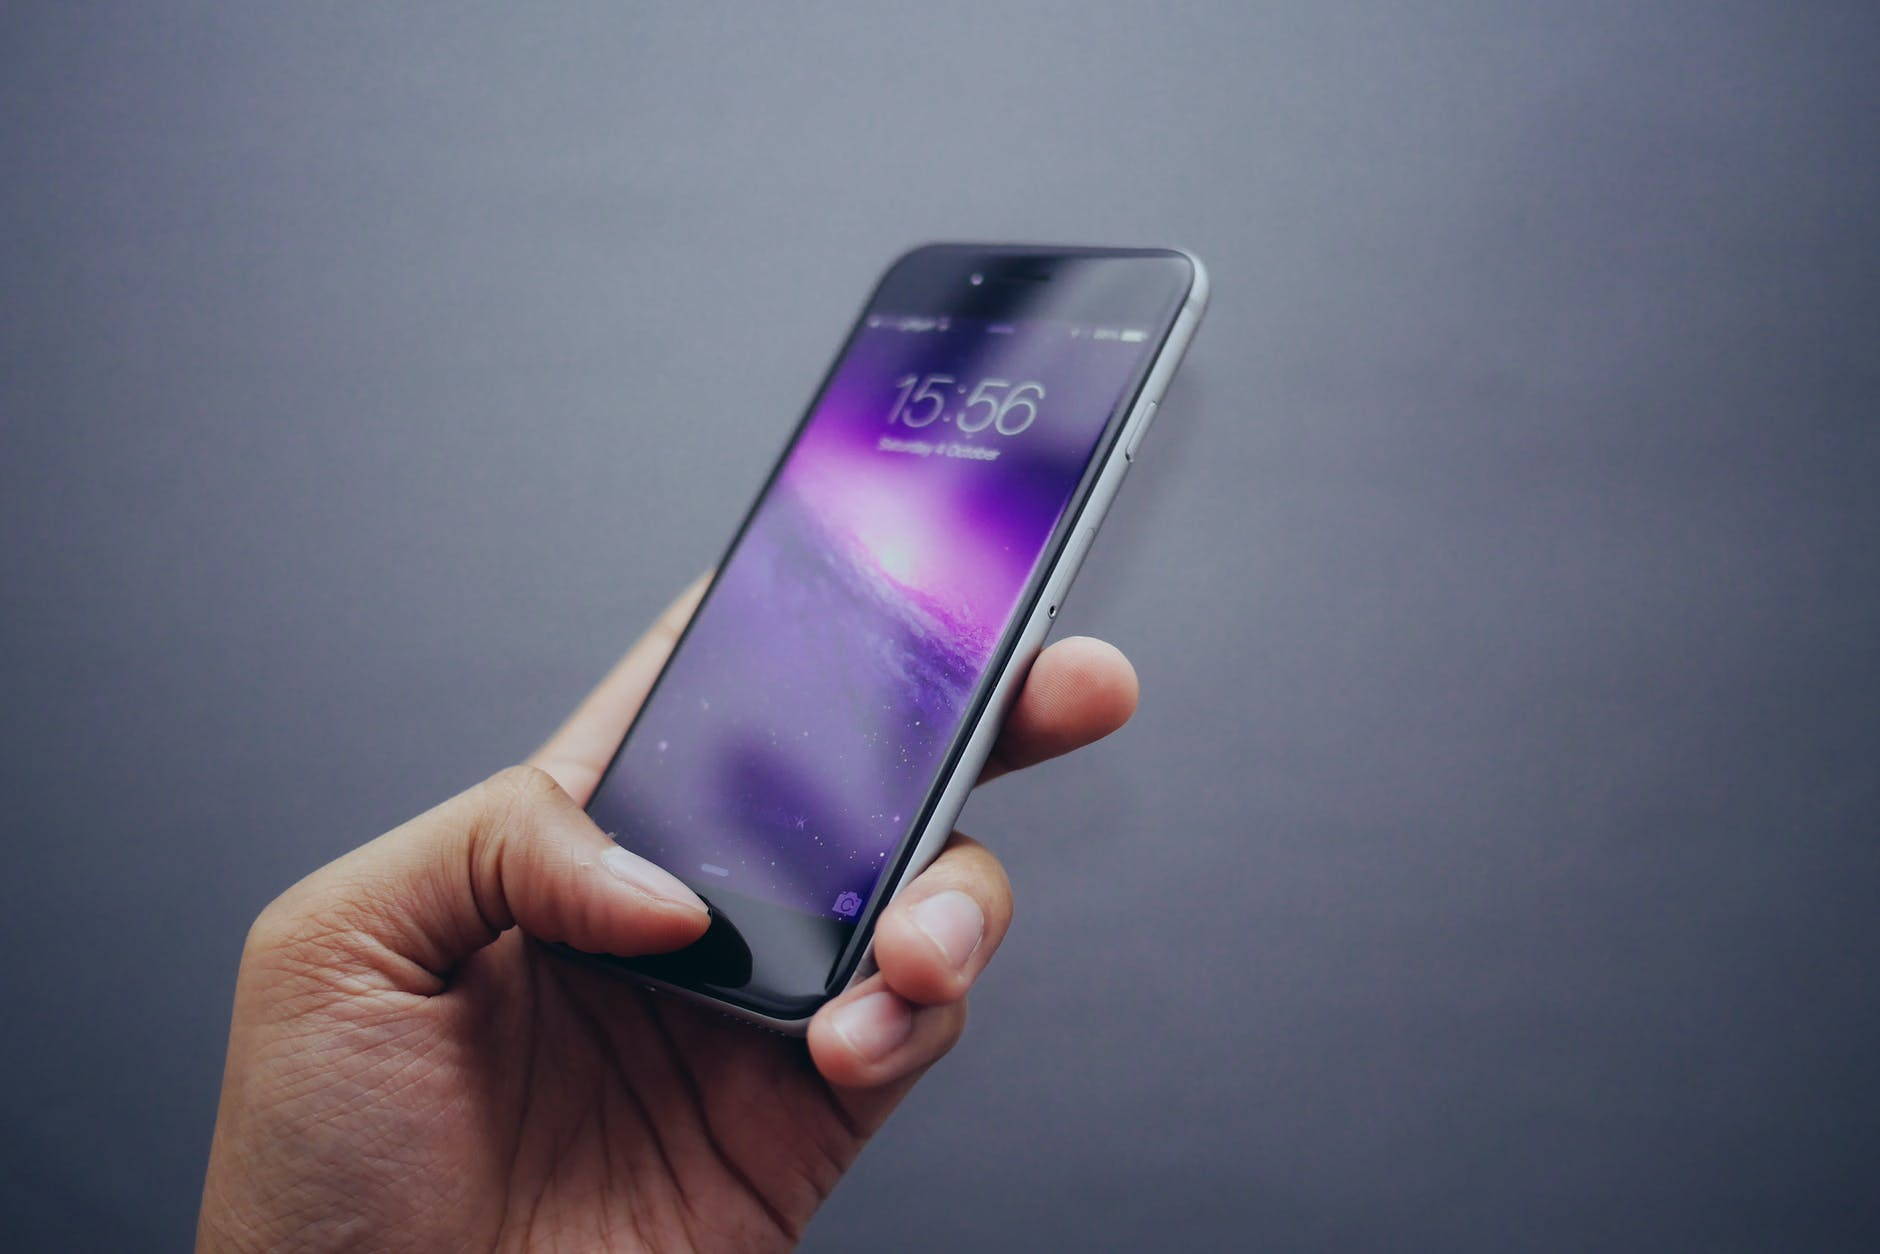 Smartphone mit Uhrzeit 15:56 H